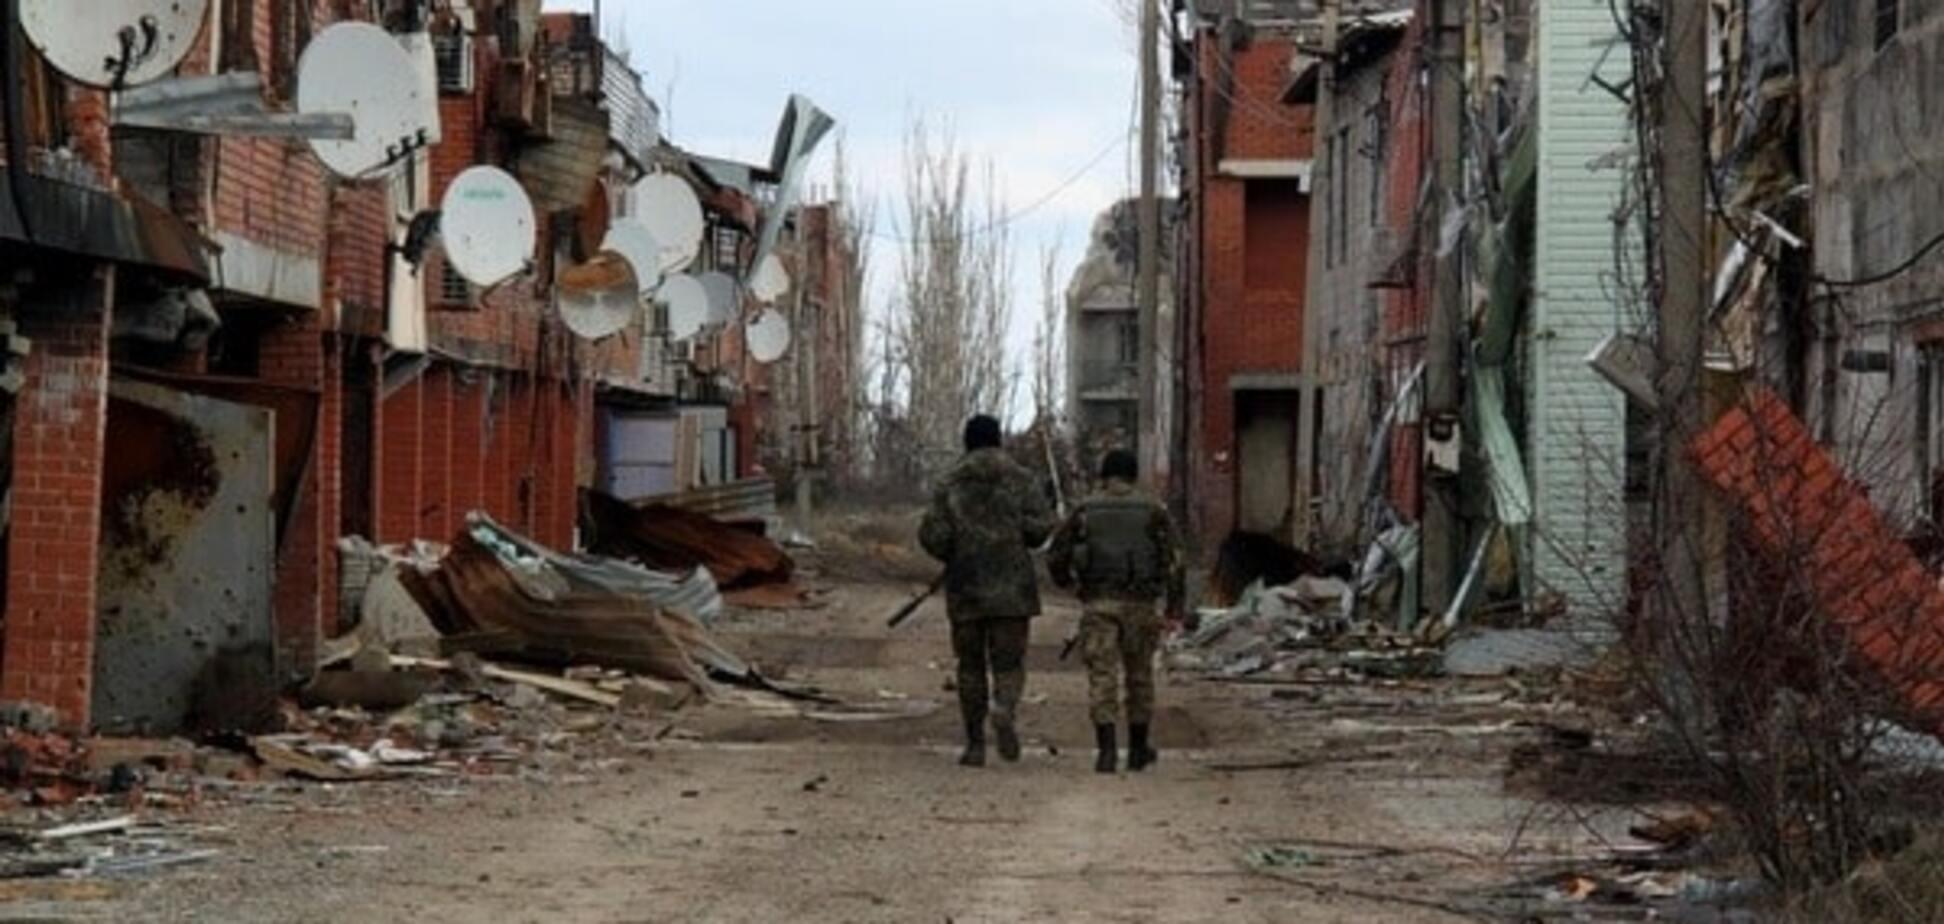 Постапокалипсис в Широкино: обнародованы фото оставленного террористами поселка